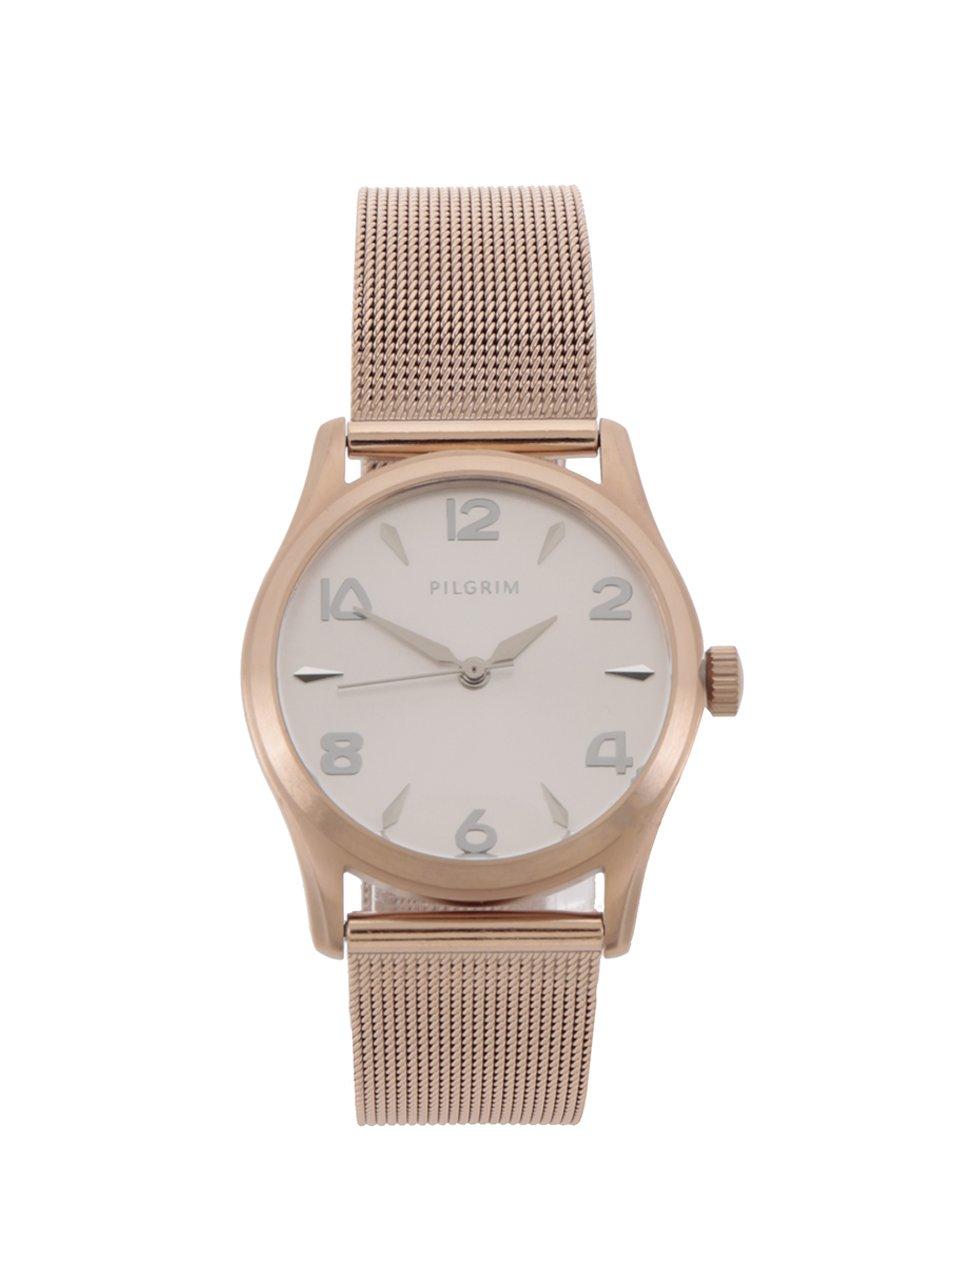 64ec3bcbb Dámske pozlátené hodinky v ružovozlatej farbe s remienkom z nehrdzavejúcej  ocele Pilgrim